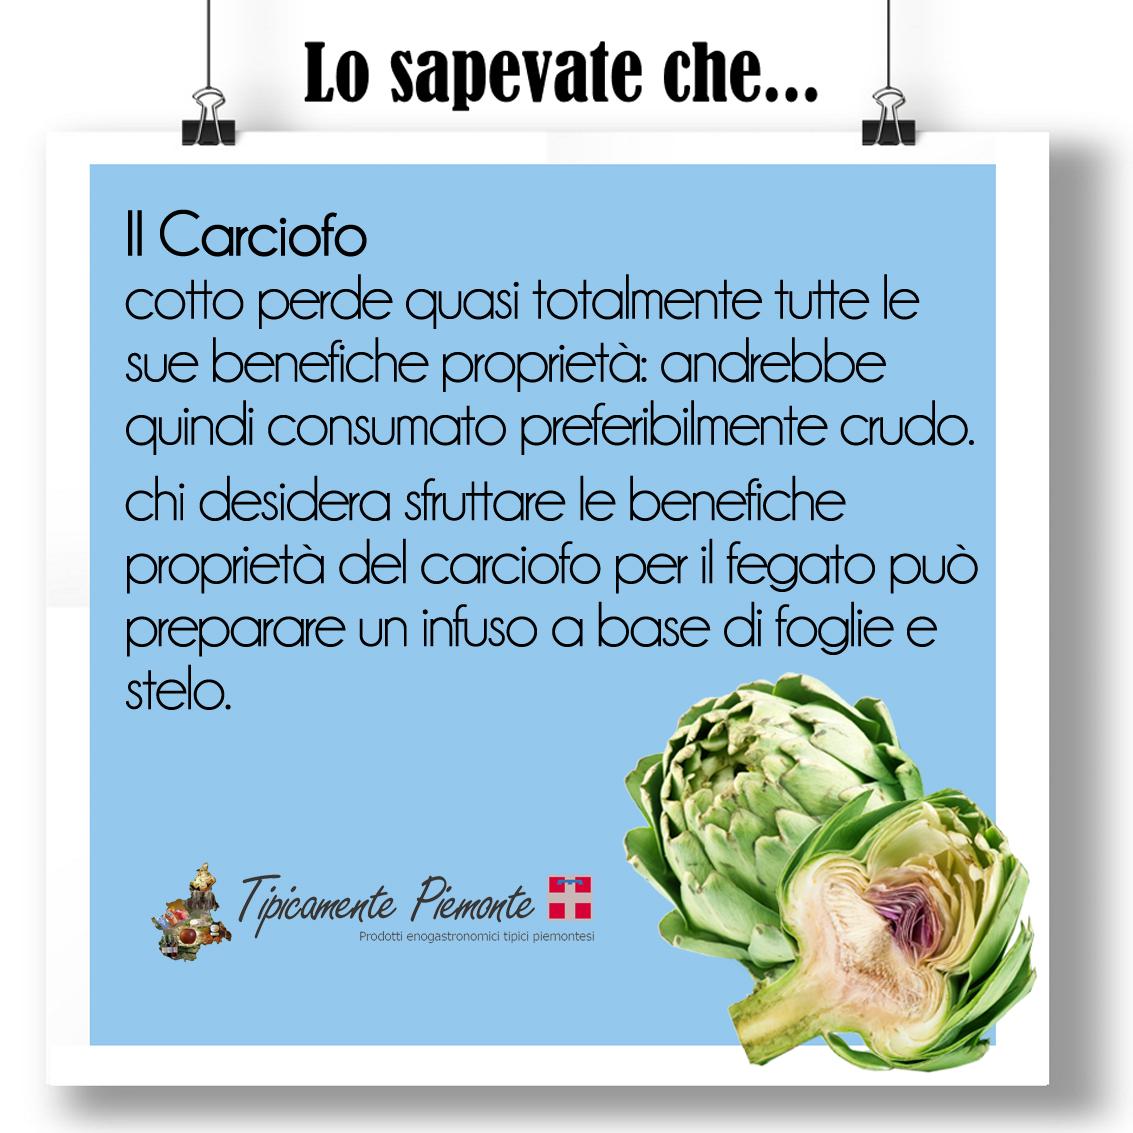 losapevateche_carciofo